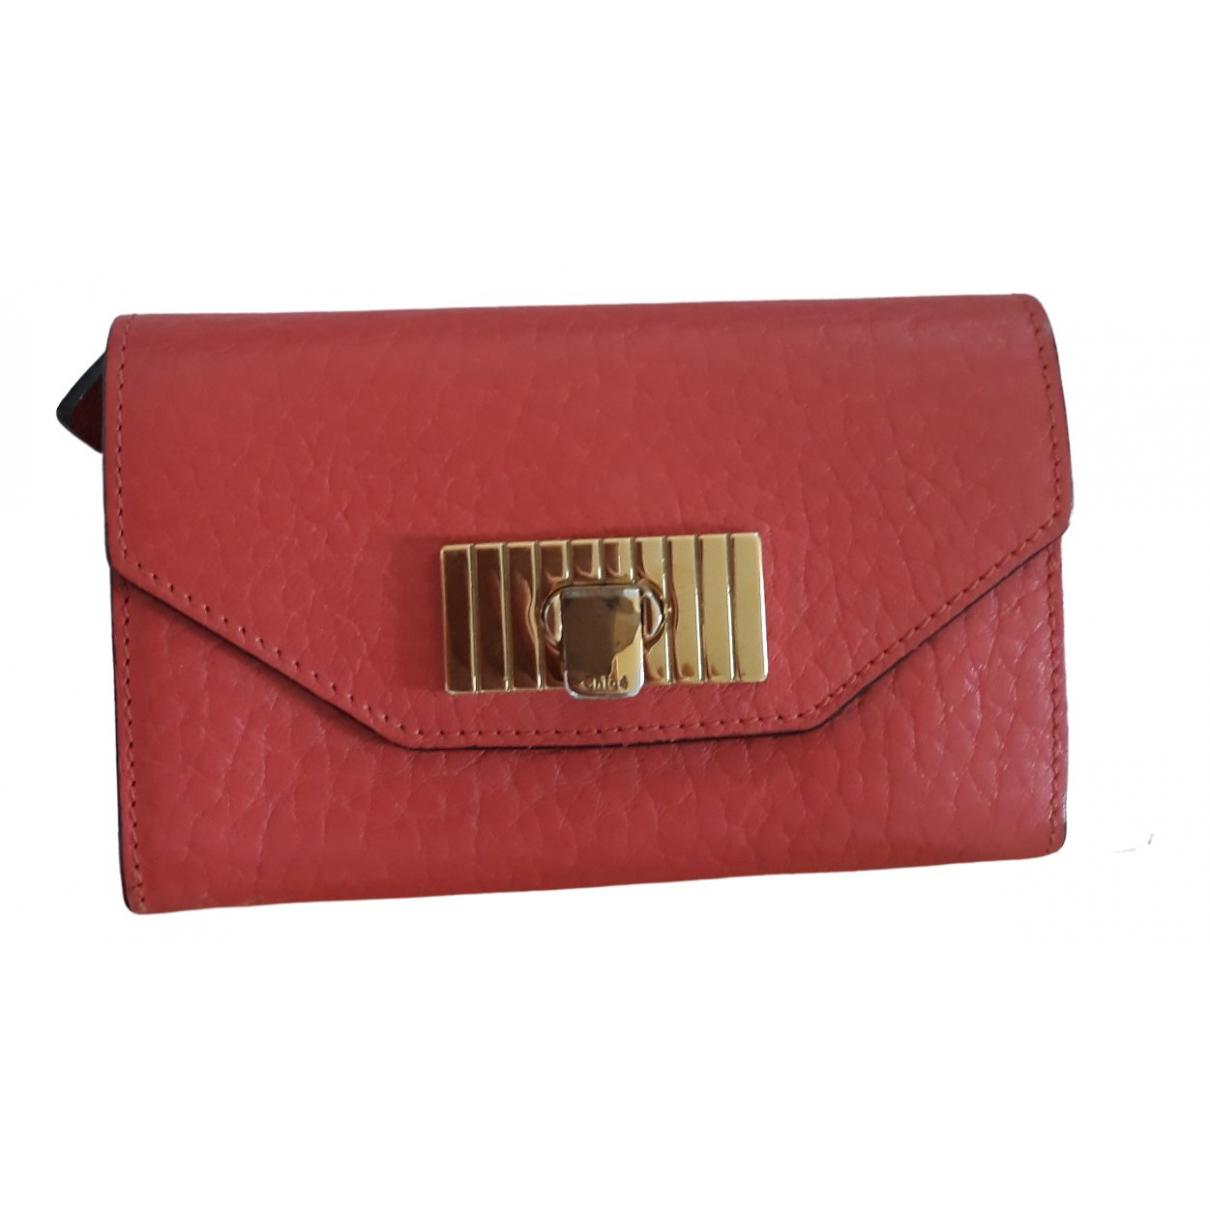 Chloe - Portefeuille   pour femme en cuir - rouge